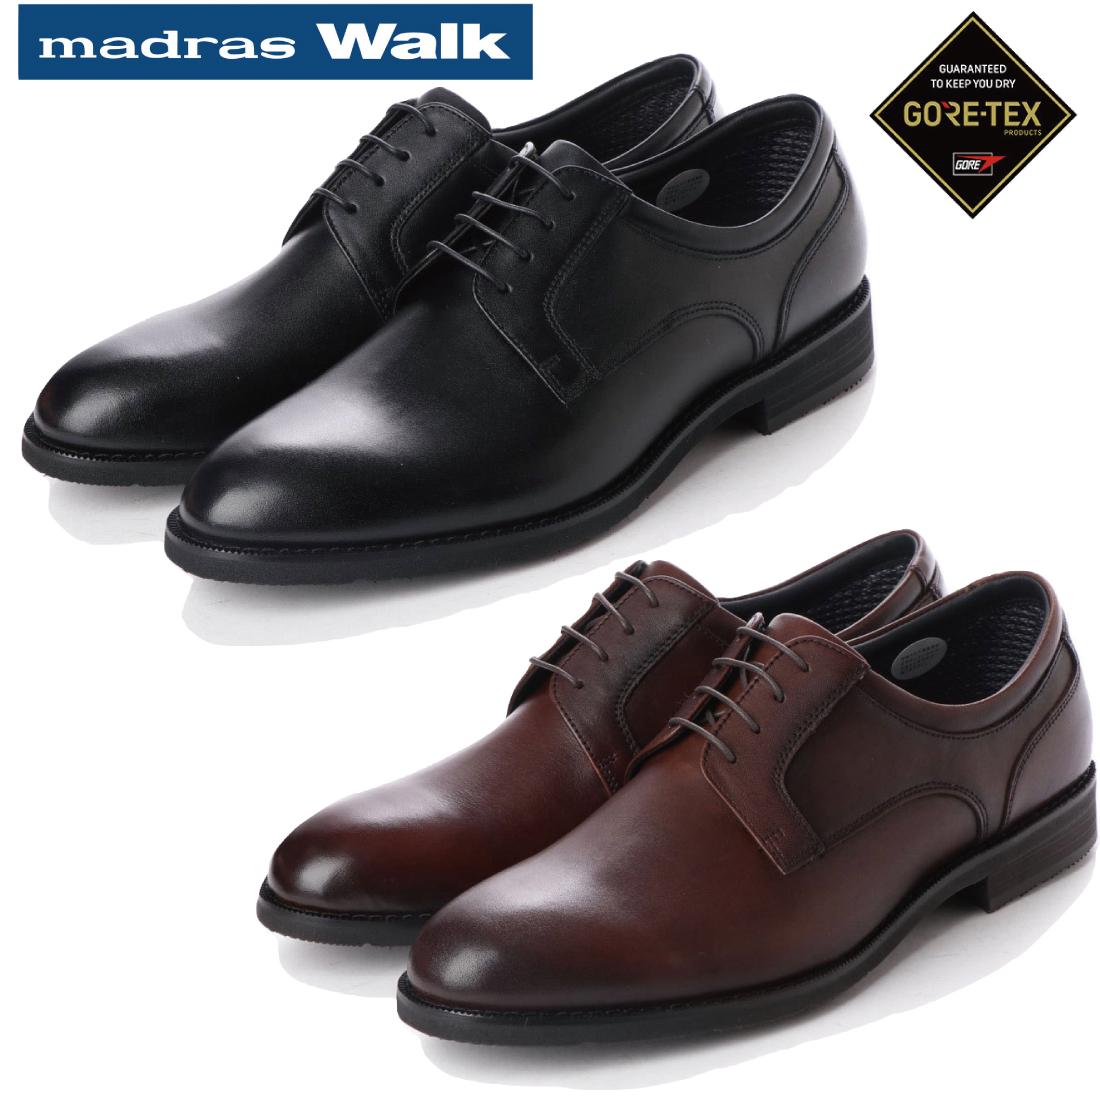 madras Walk マドラス プレーントゥ ビジネス シューズ ゴアテックス MW5906 【nesh】 【新品】